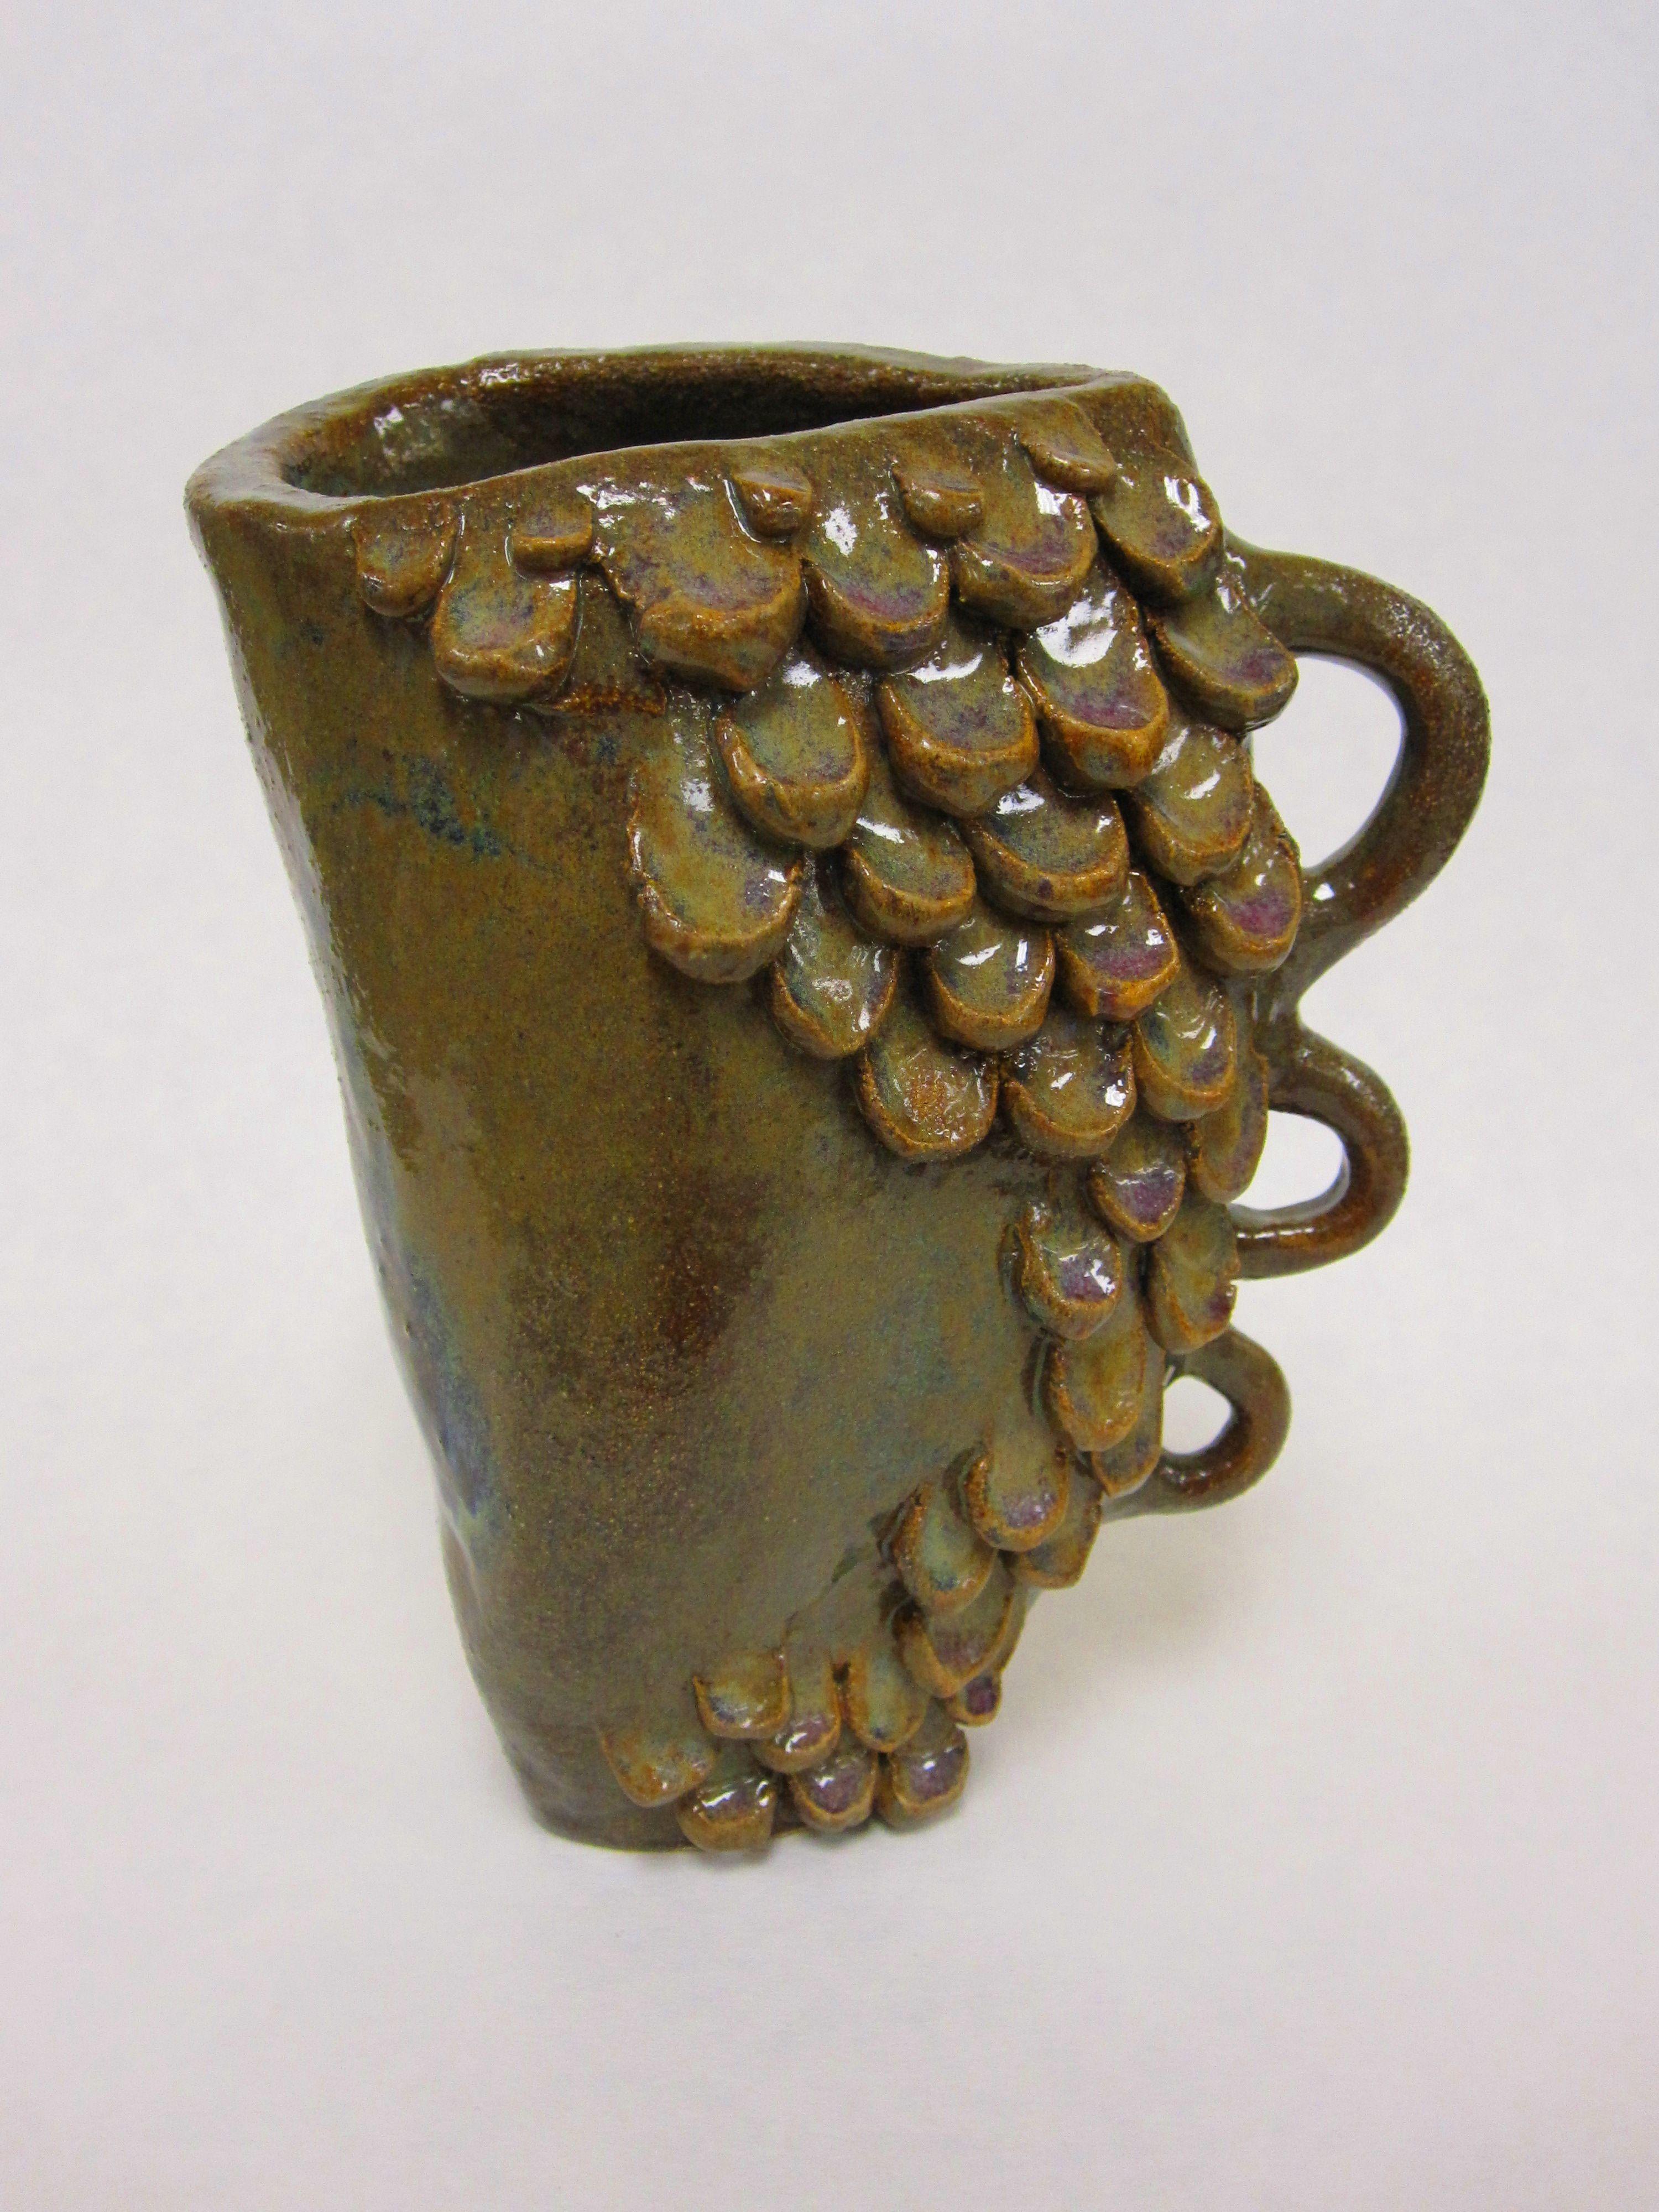 bilder zu pottery auf kunstwerke t ouml pferwaren 1000 bilder zu pottery auf kunstwerke toumlpferwaren und ware